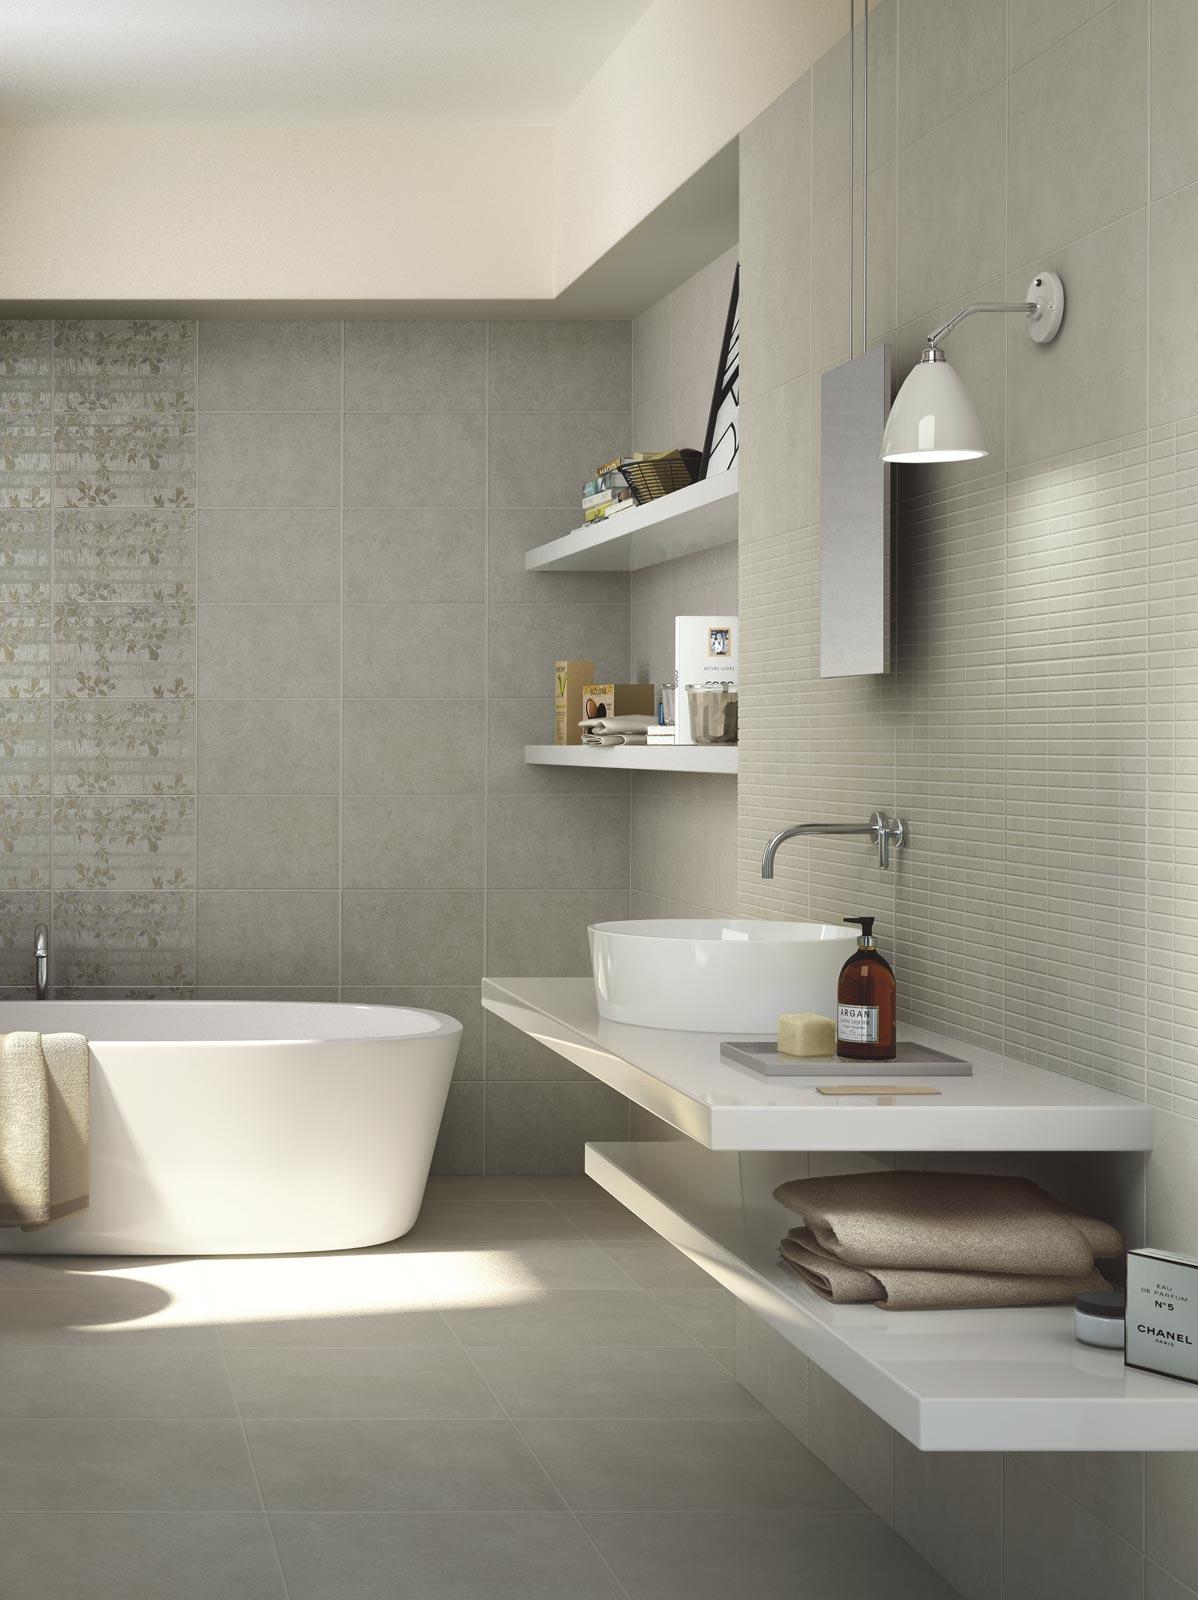 Collezione casablanca ceramica per bagno e cucina ragno for Piastrelle per bagno